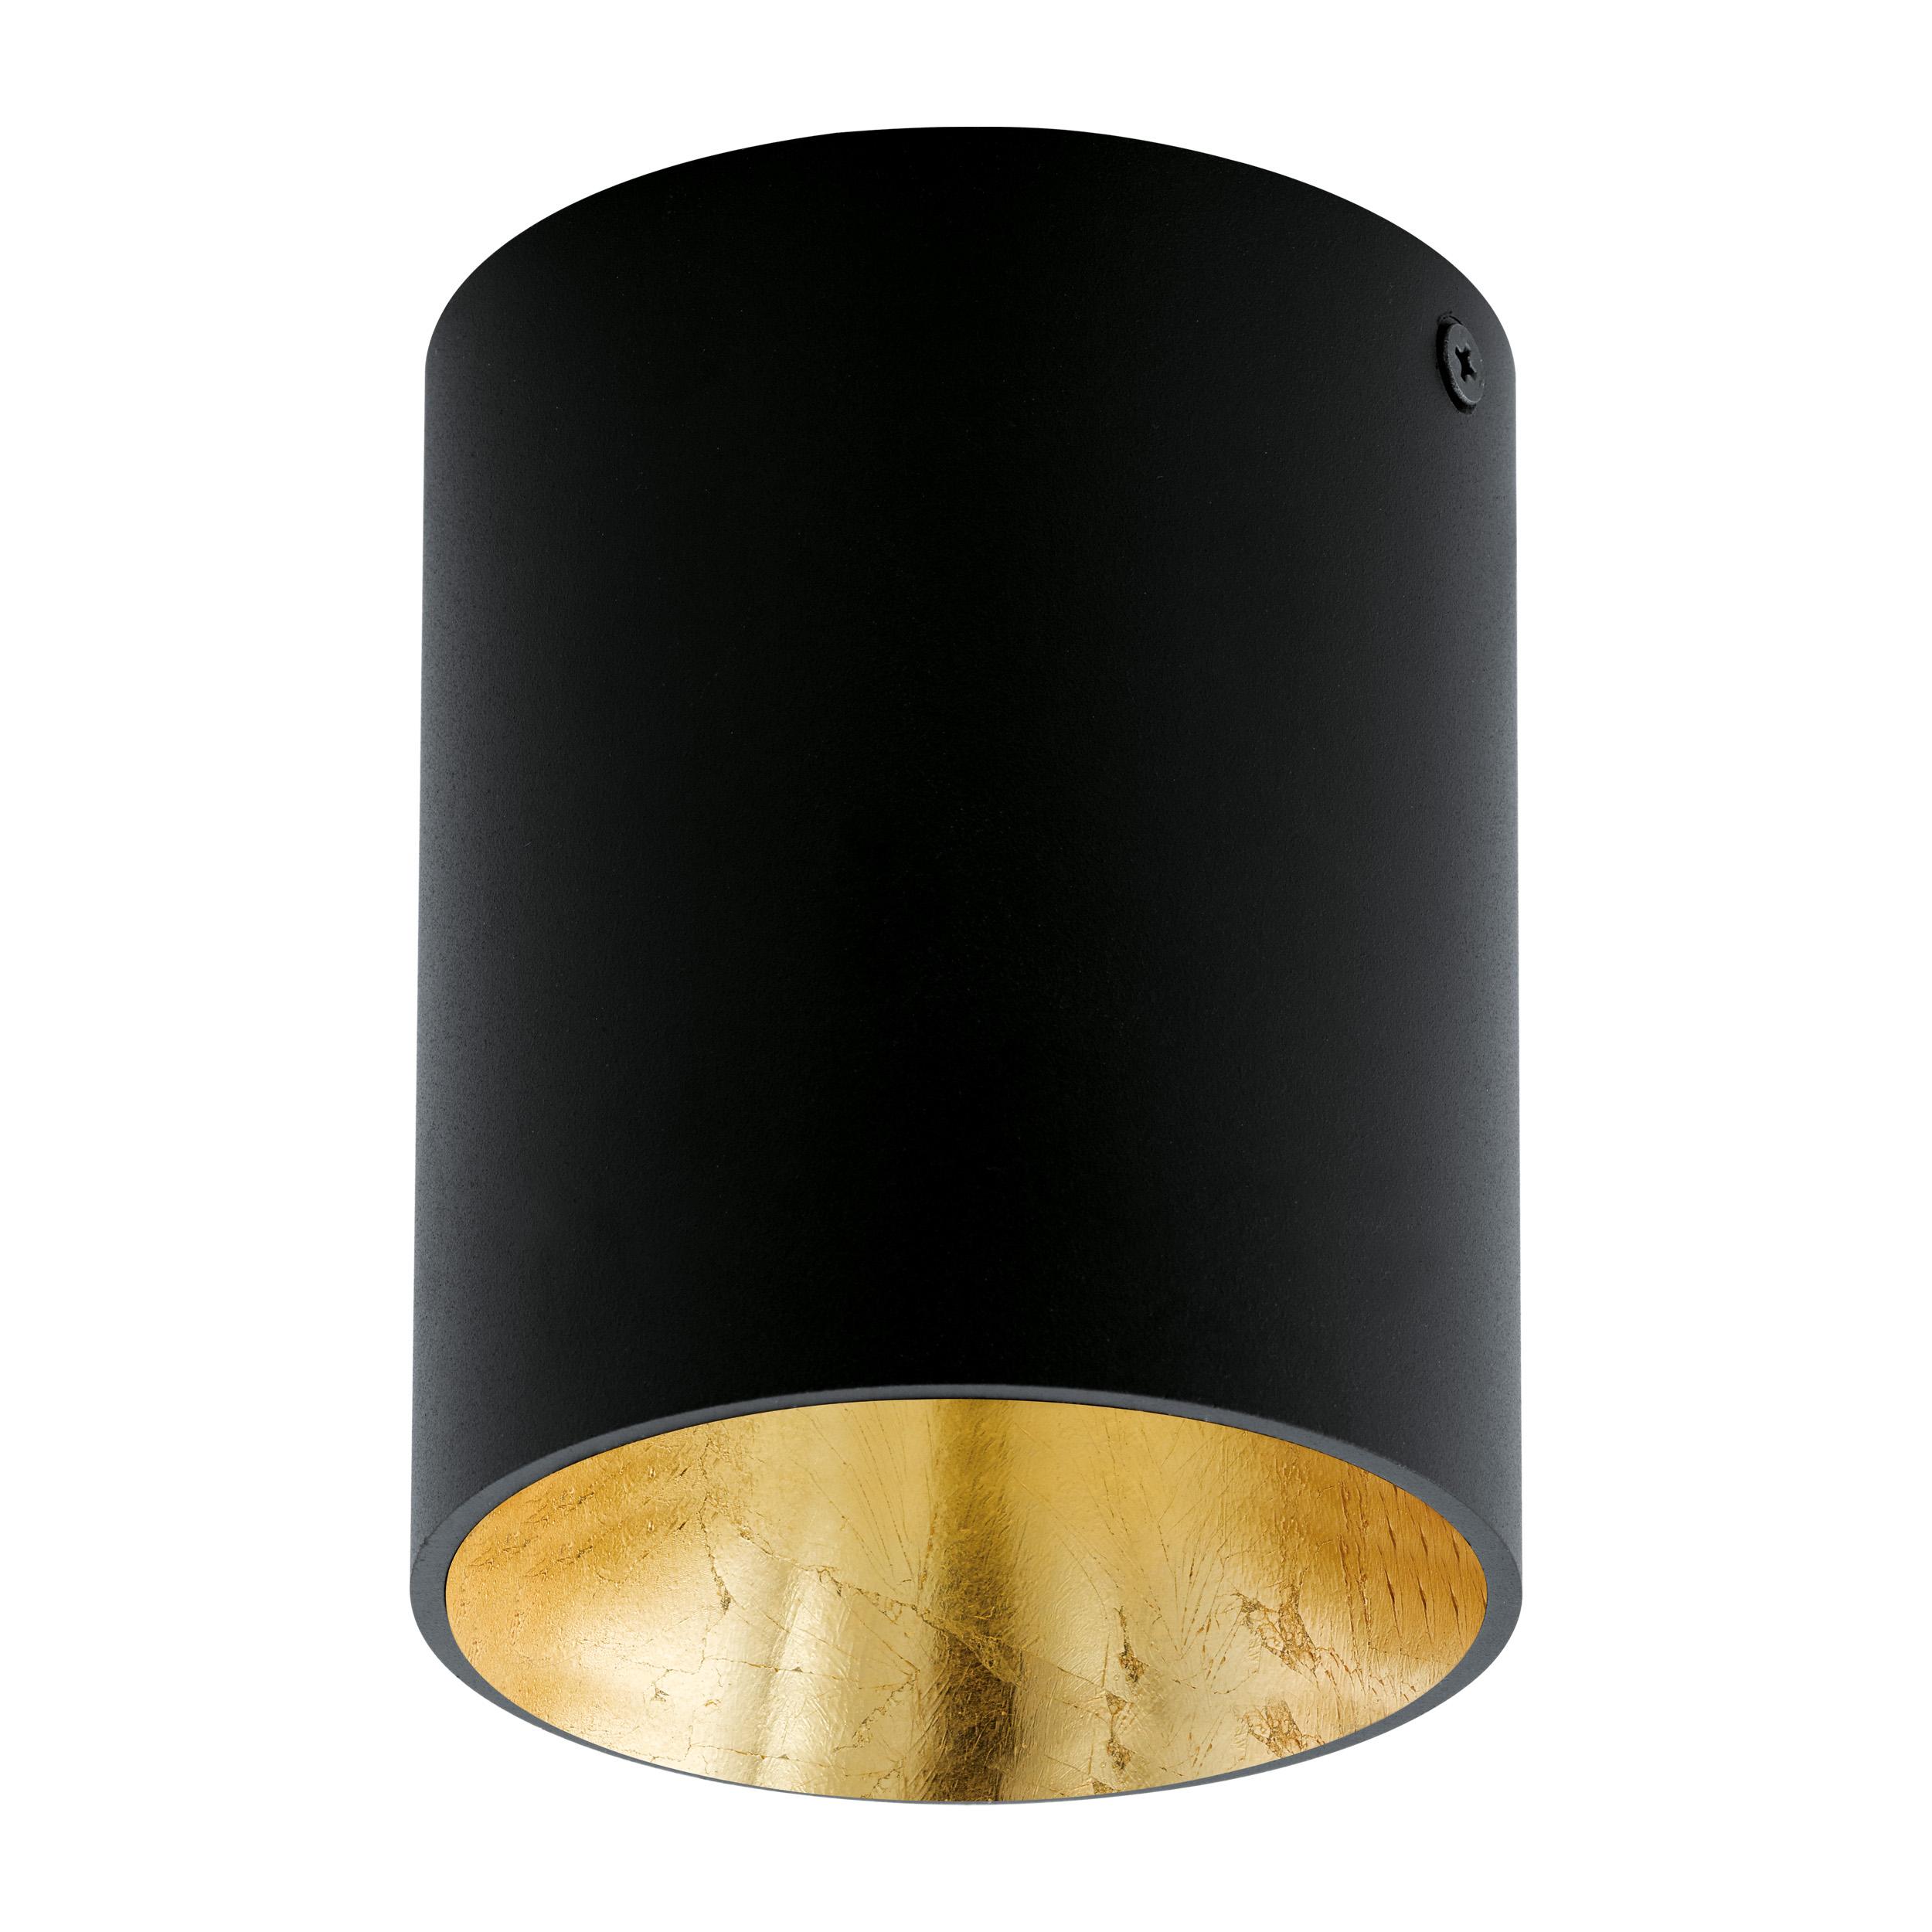 1 Stk Deckenleuchte Polasso rund 35W schwarz / gold IP20 LI62252---